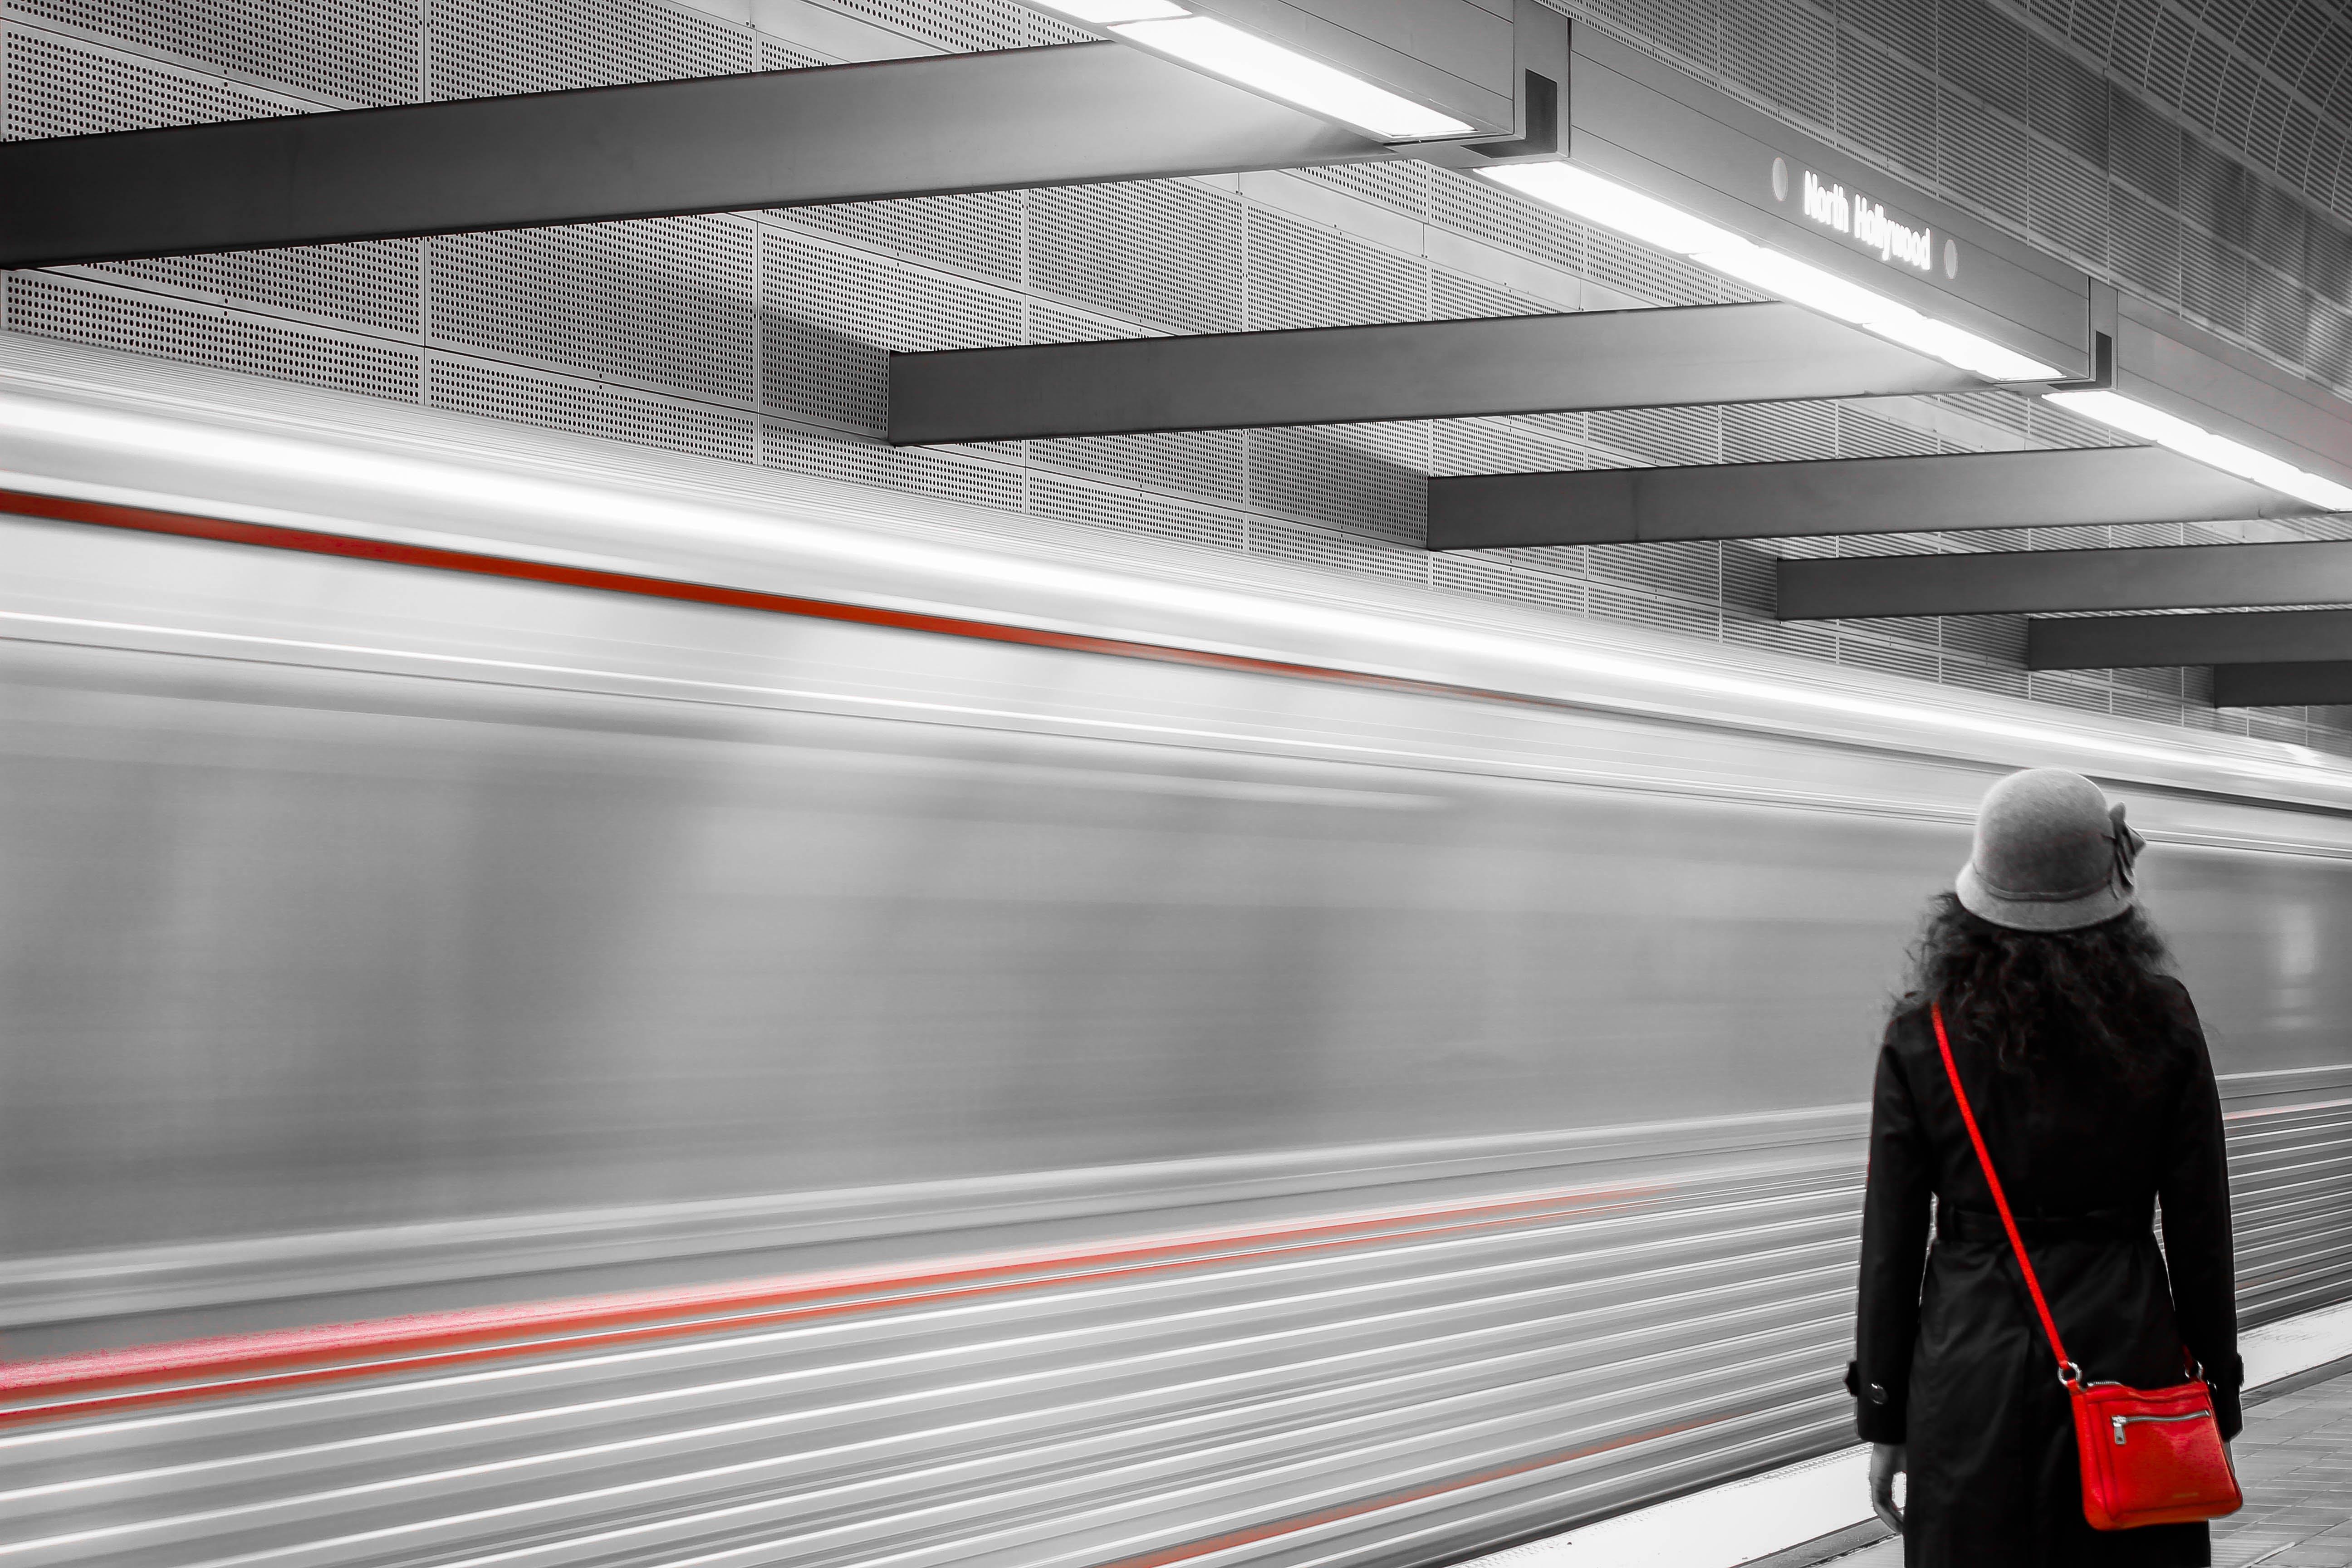 Δωρεάν στοκ φωτογραφιών με union station, αεροδρόμιο, άνθρωπος, ασπρόμαυρο